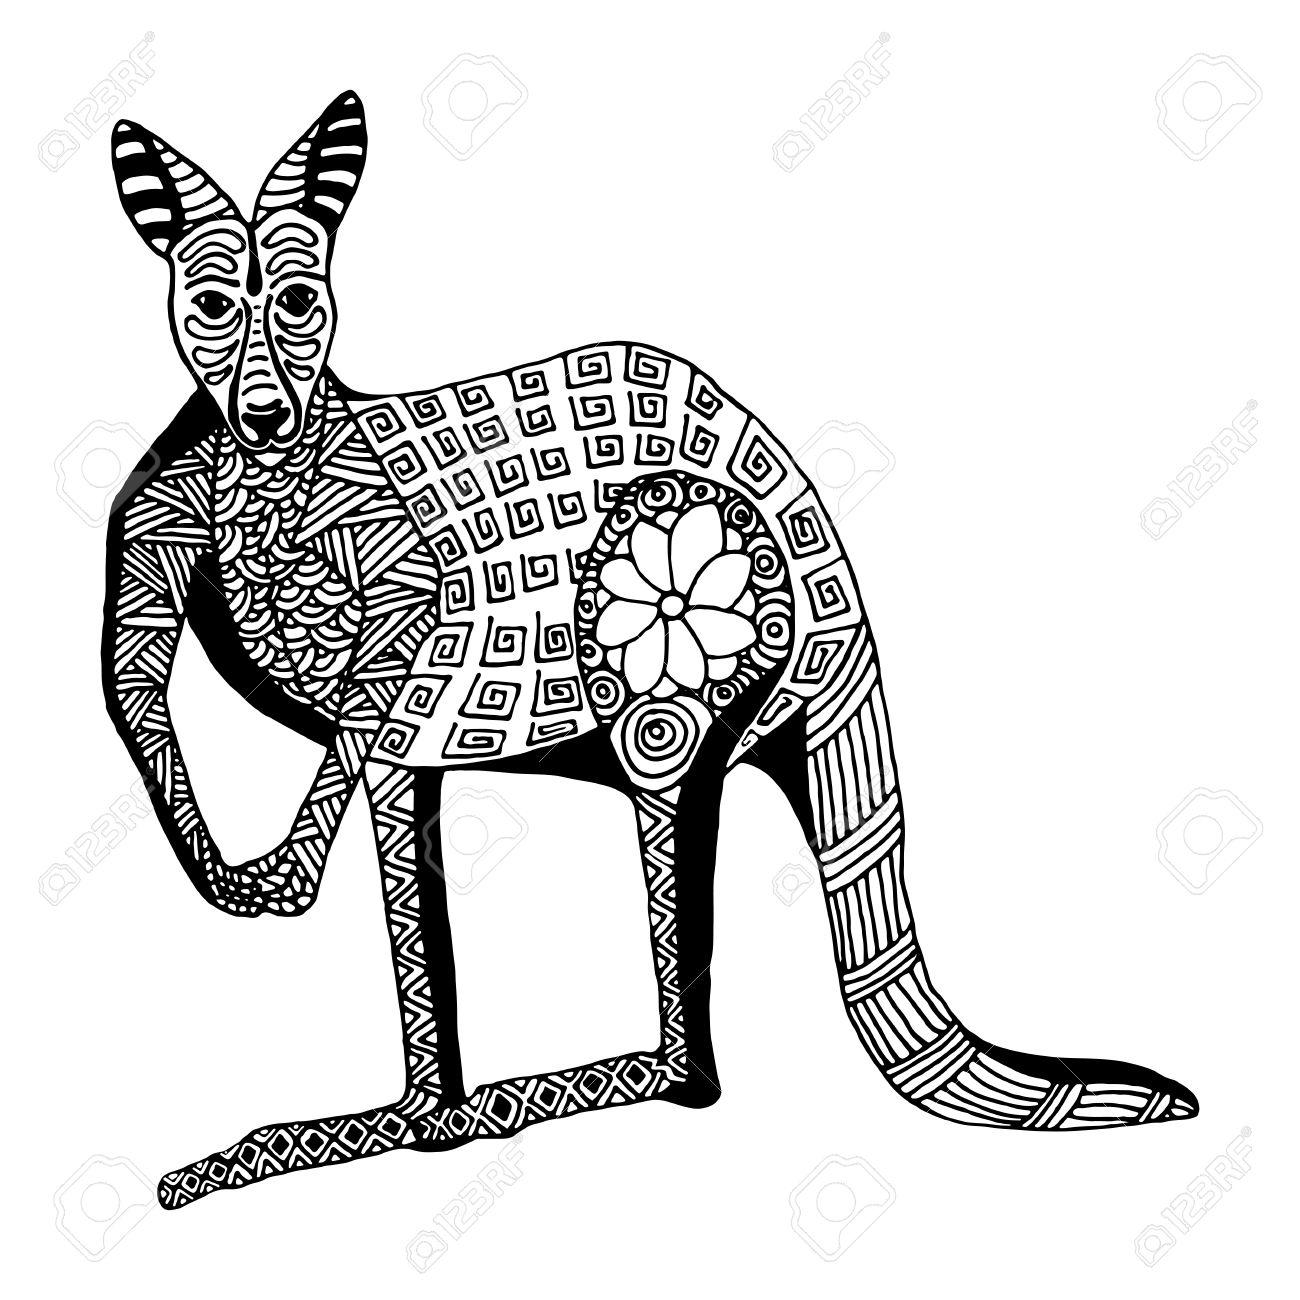 1300x1300 Drawn Kangaroo Doodle